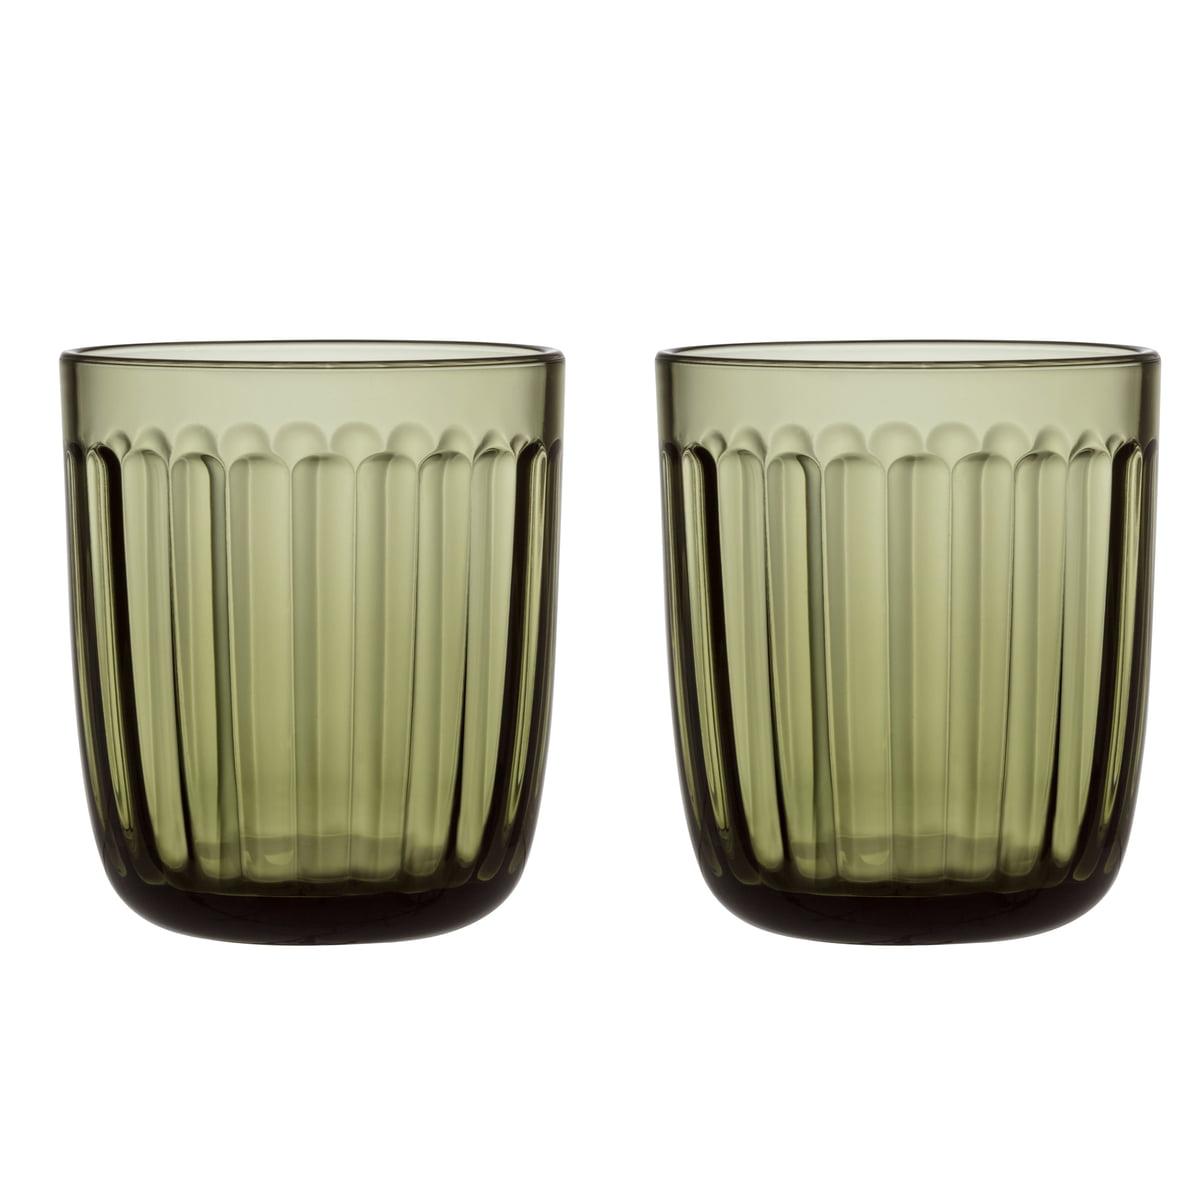 Iittala - Raami Trinkglas 26 cl, moosgrün (2er-Set) | Küche und Esszimmer > Besteck und Geschirr > Gläser | Iittala